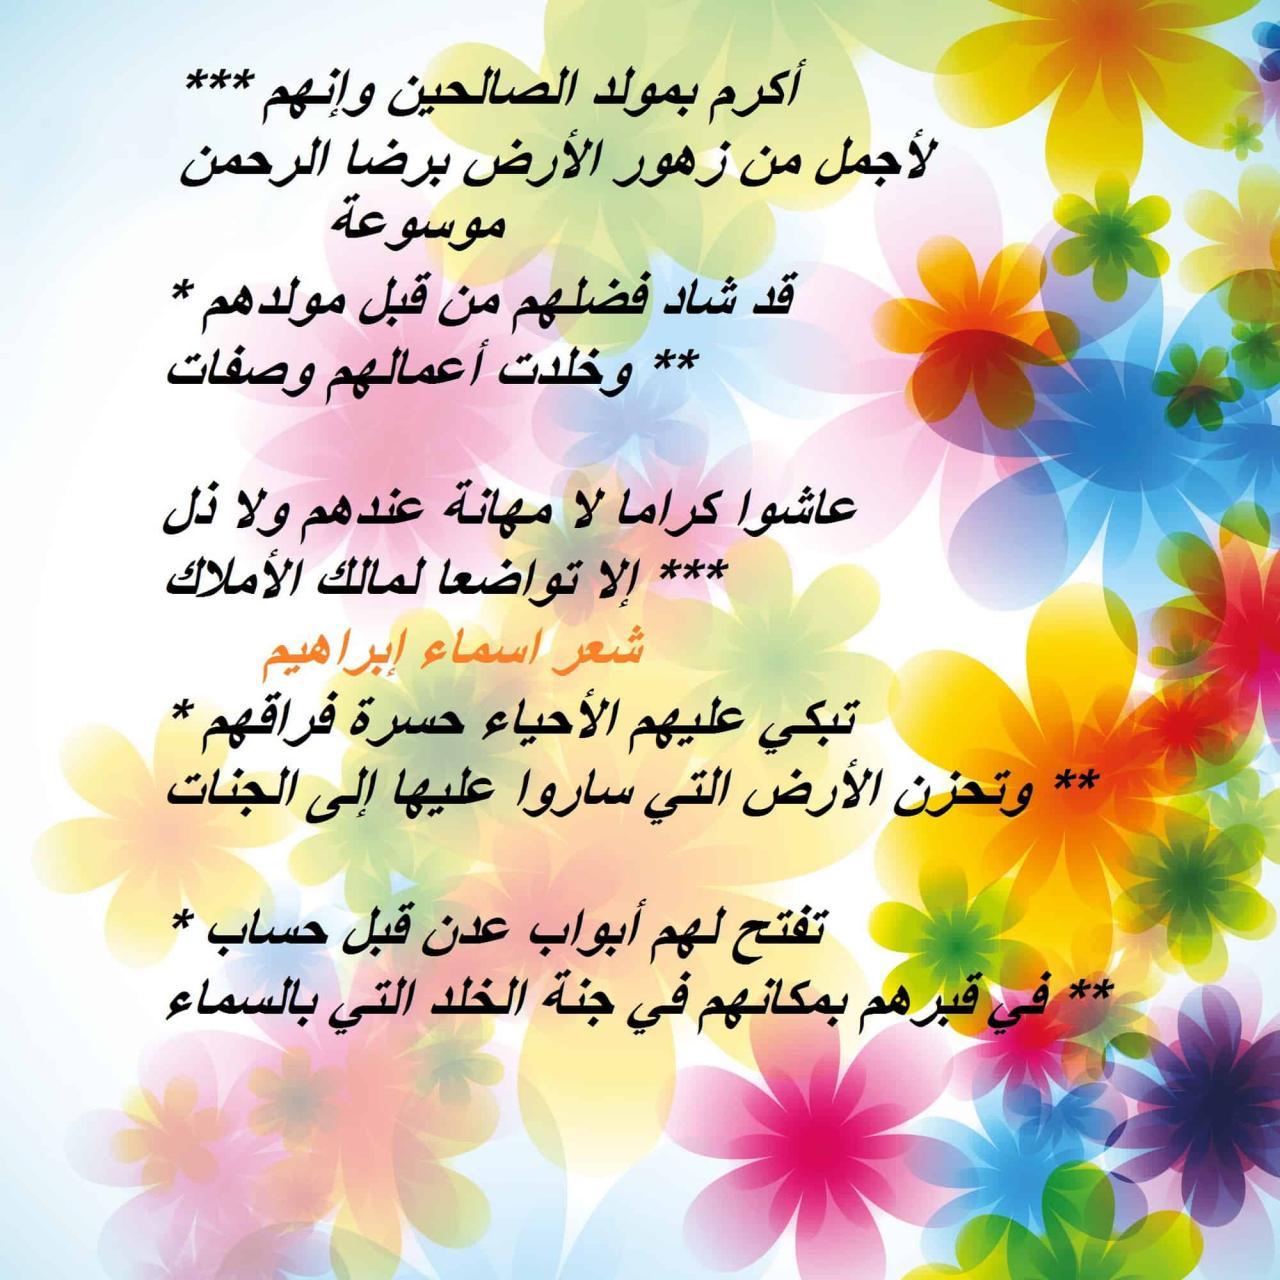 صورة قصيدة عيد ميلادك , احلى عيد ميلاد ولا ايه